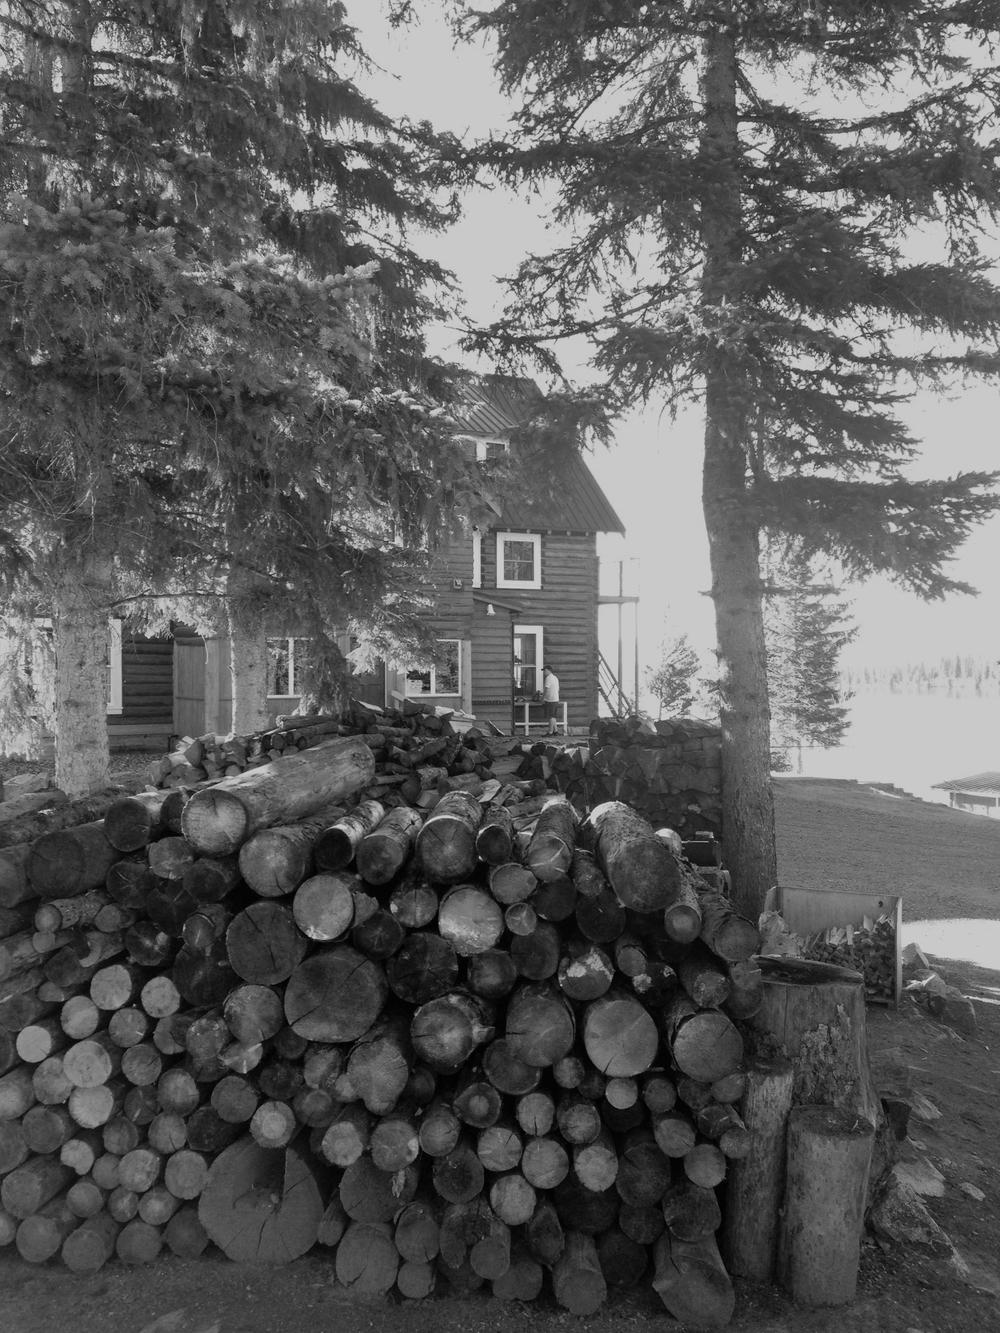 Pennask Lake Lodge